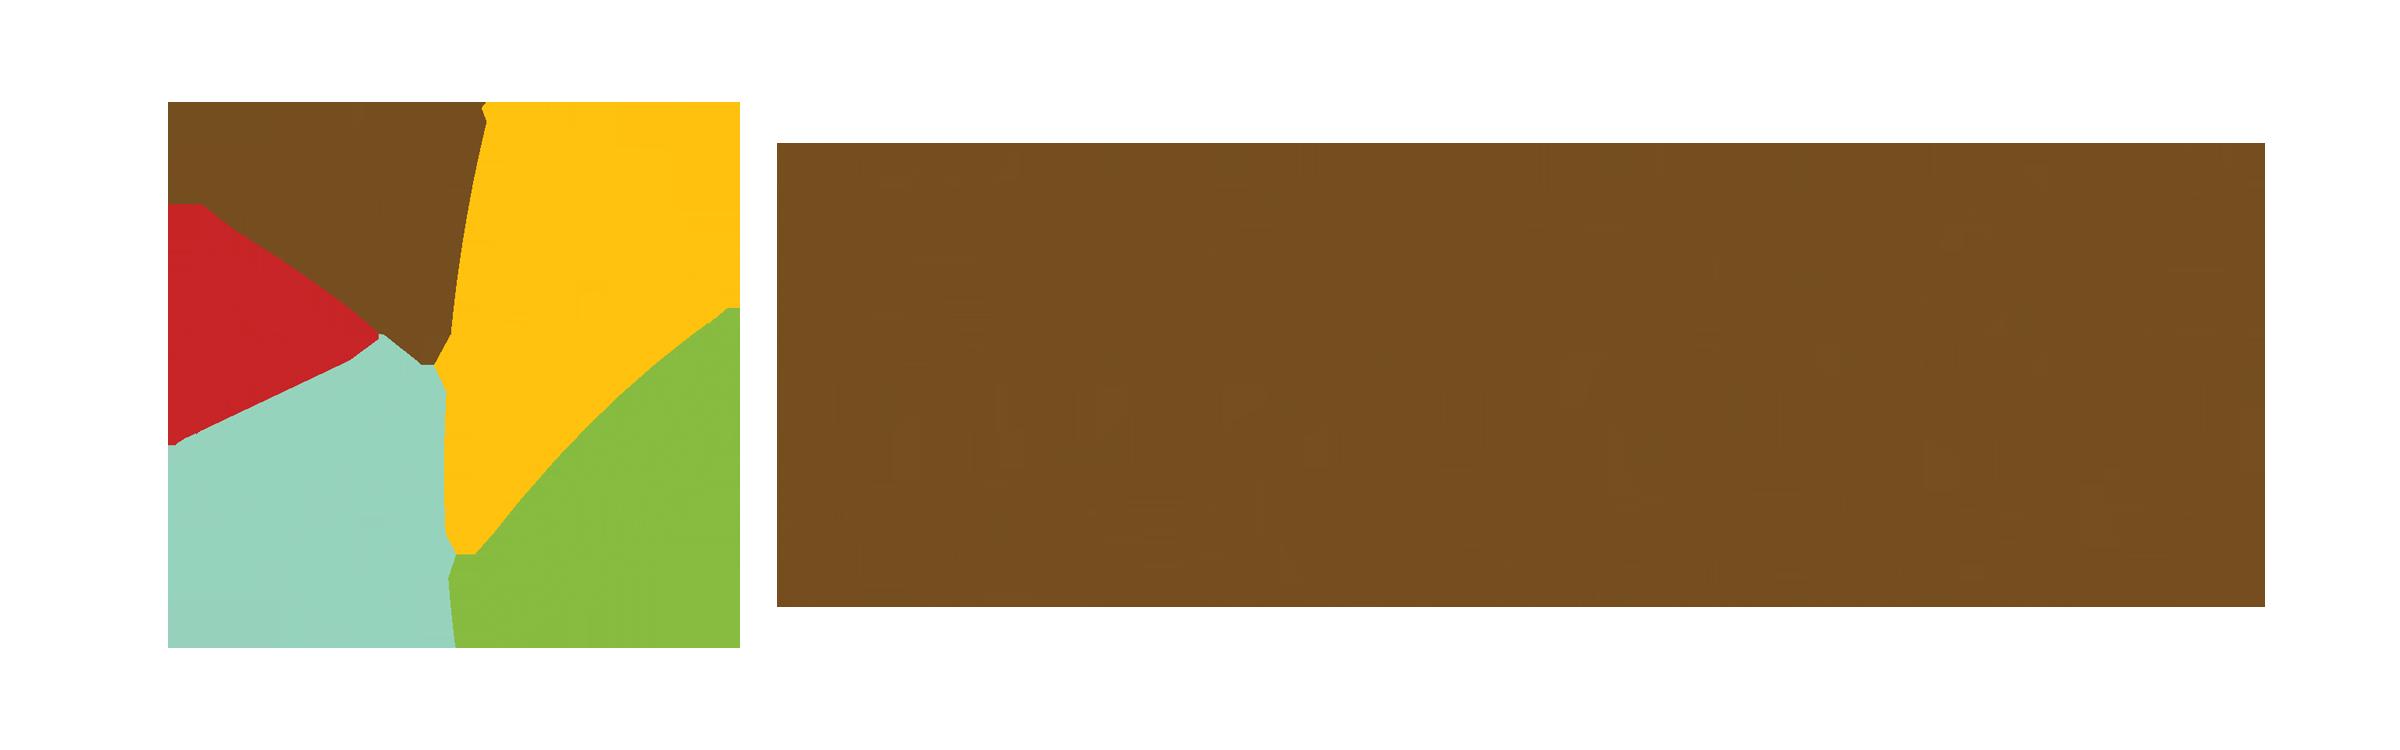 Kindred Psychology